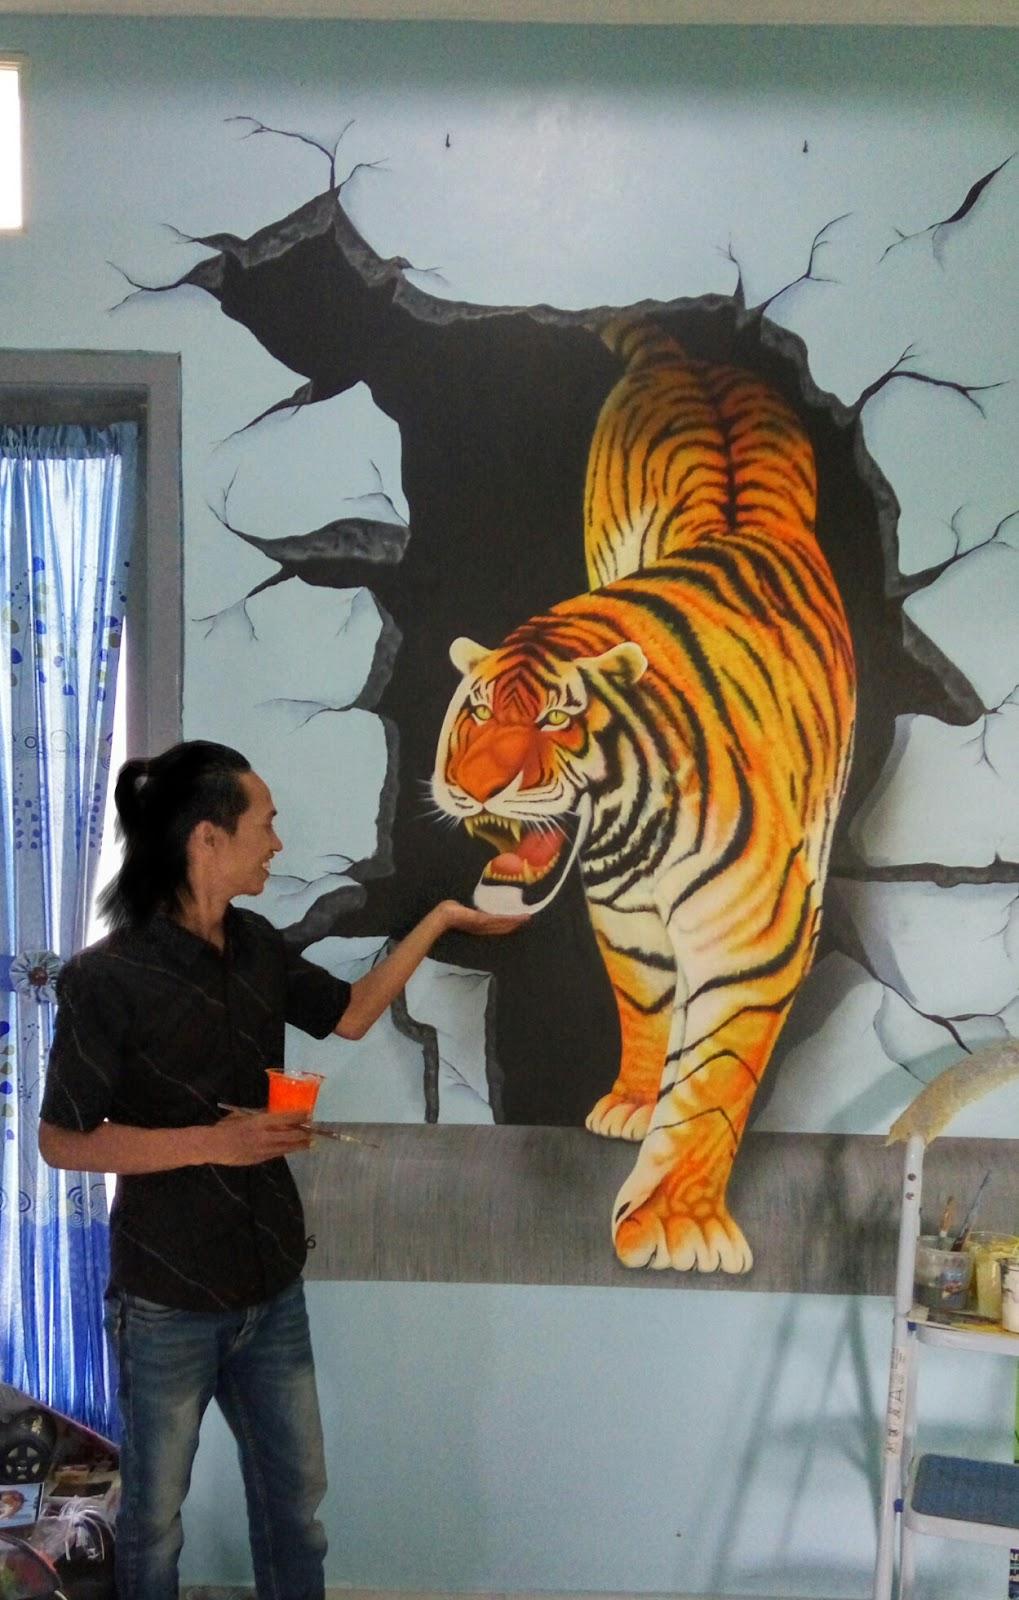 Lukisan Dinding 3d : lukisan, dinding, Lukisan, Dinding, Keren, Cikimm.com